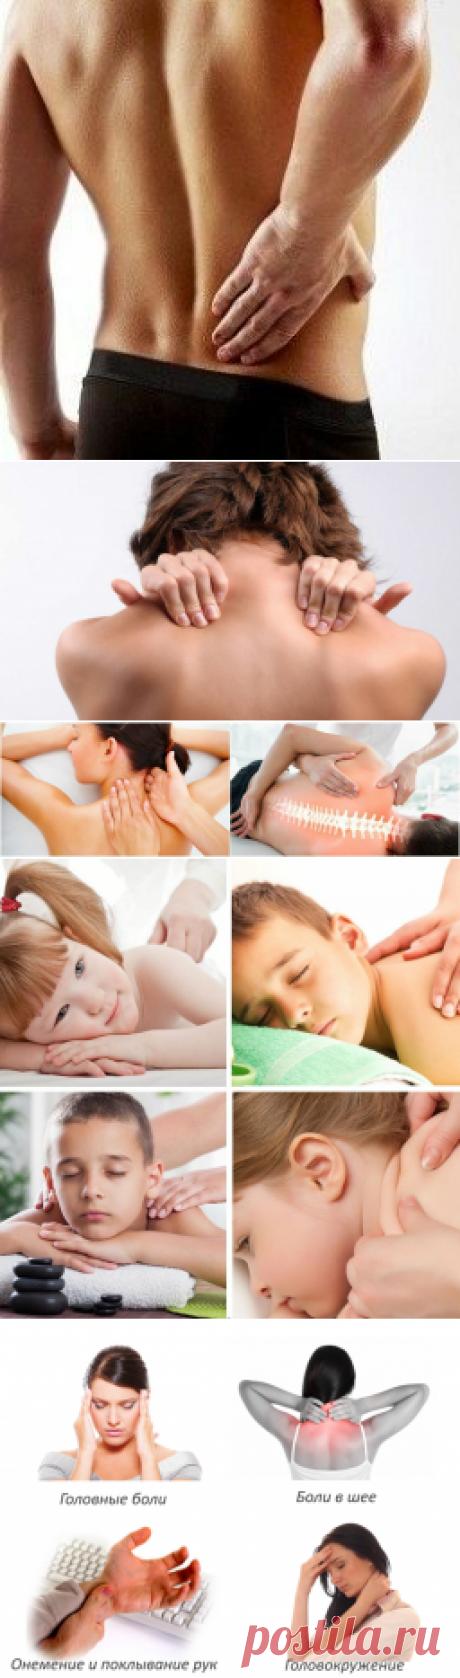 Лечебный массаж спины - спасение от операции на позвоночнике | Альтернативная медицина | Яндекс Дзен